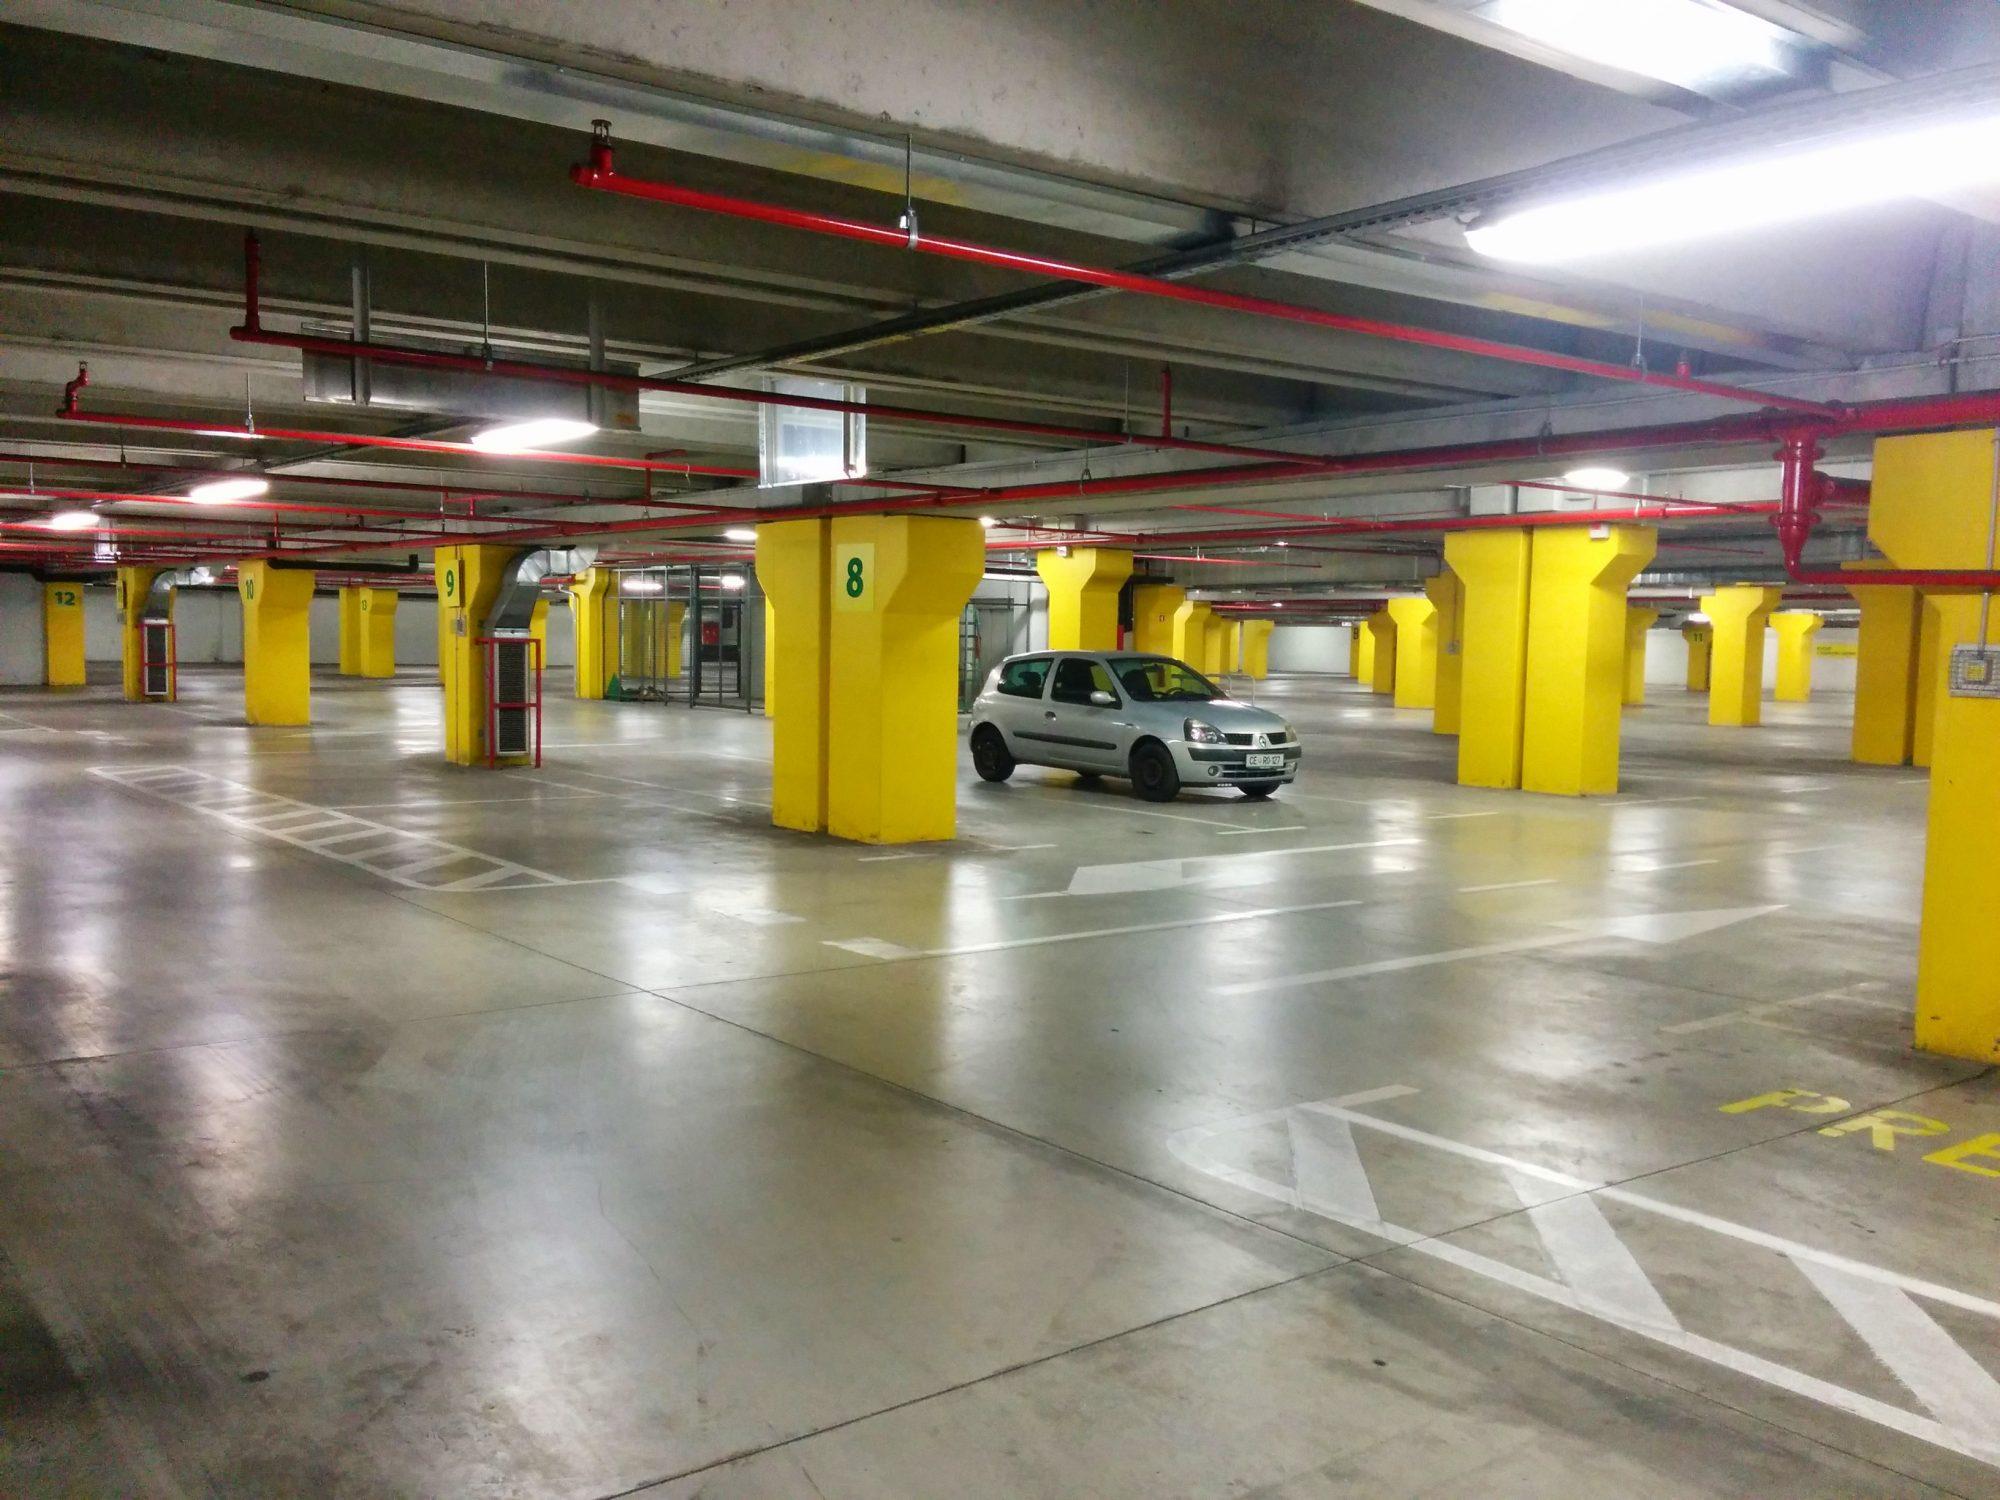 Zbori za prostor: Kaj je javni interes pri parkirni politiki?